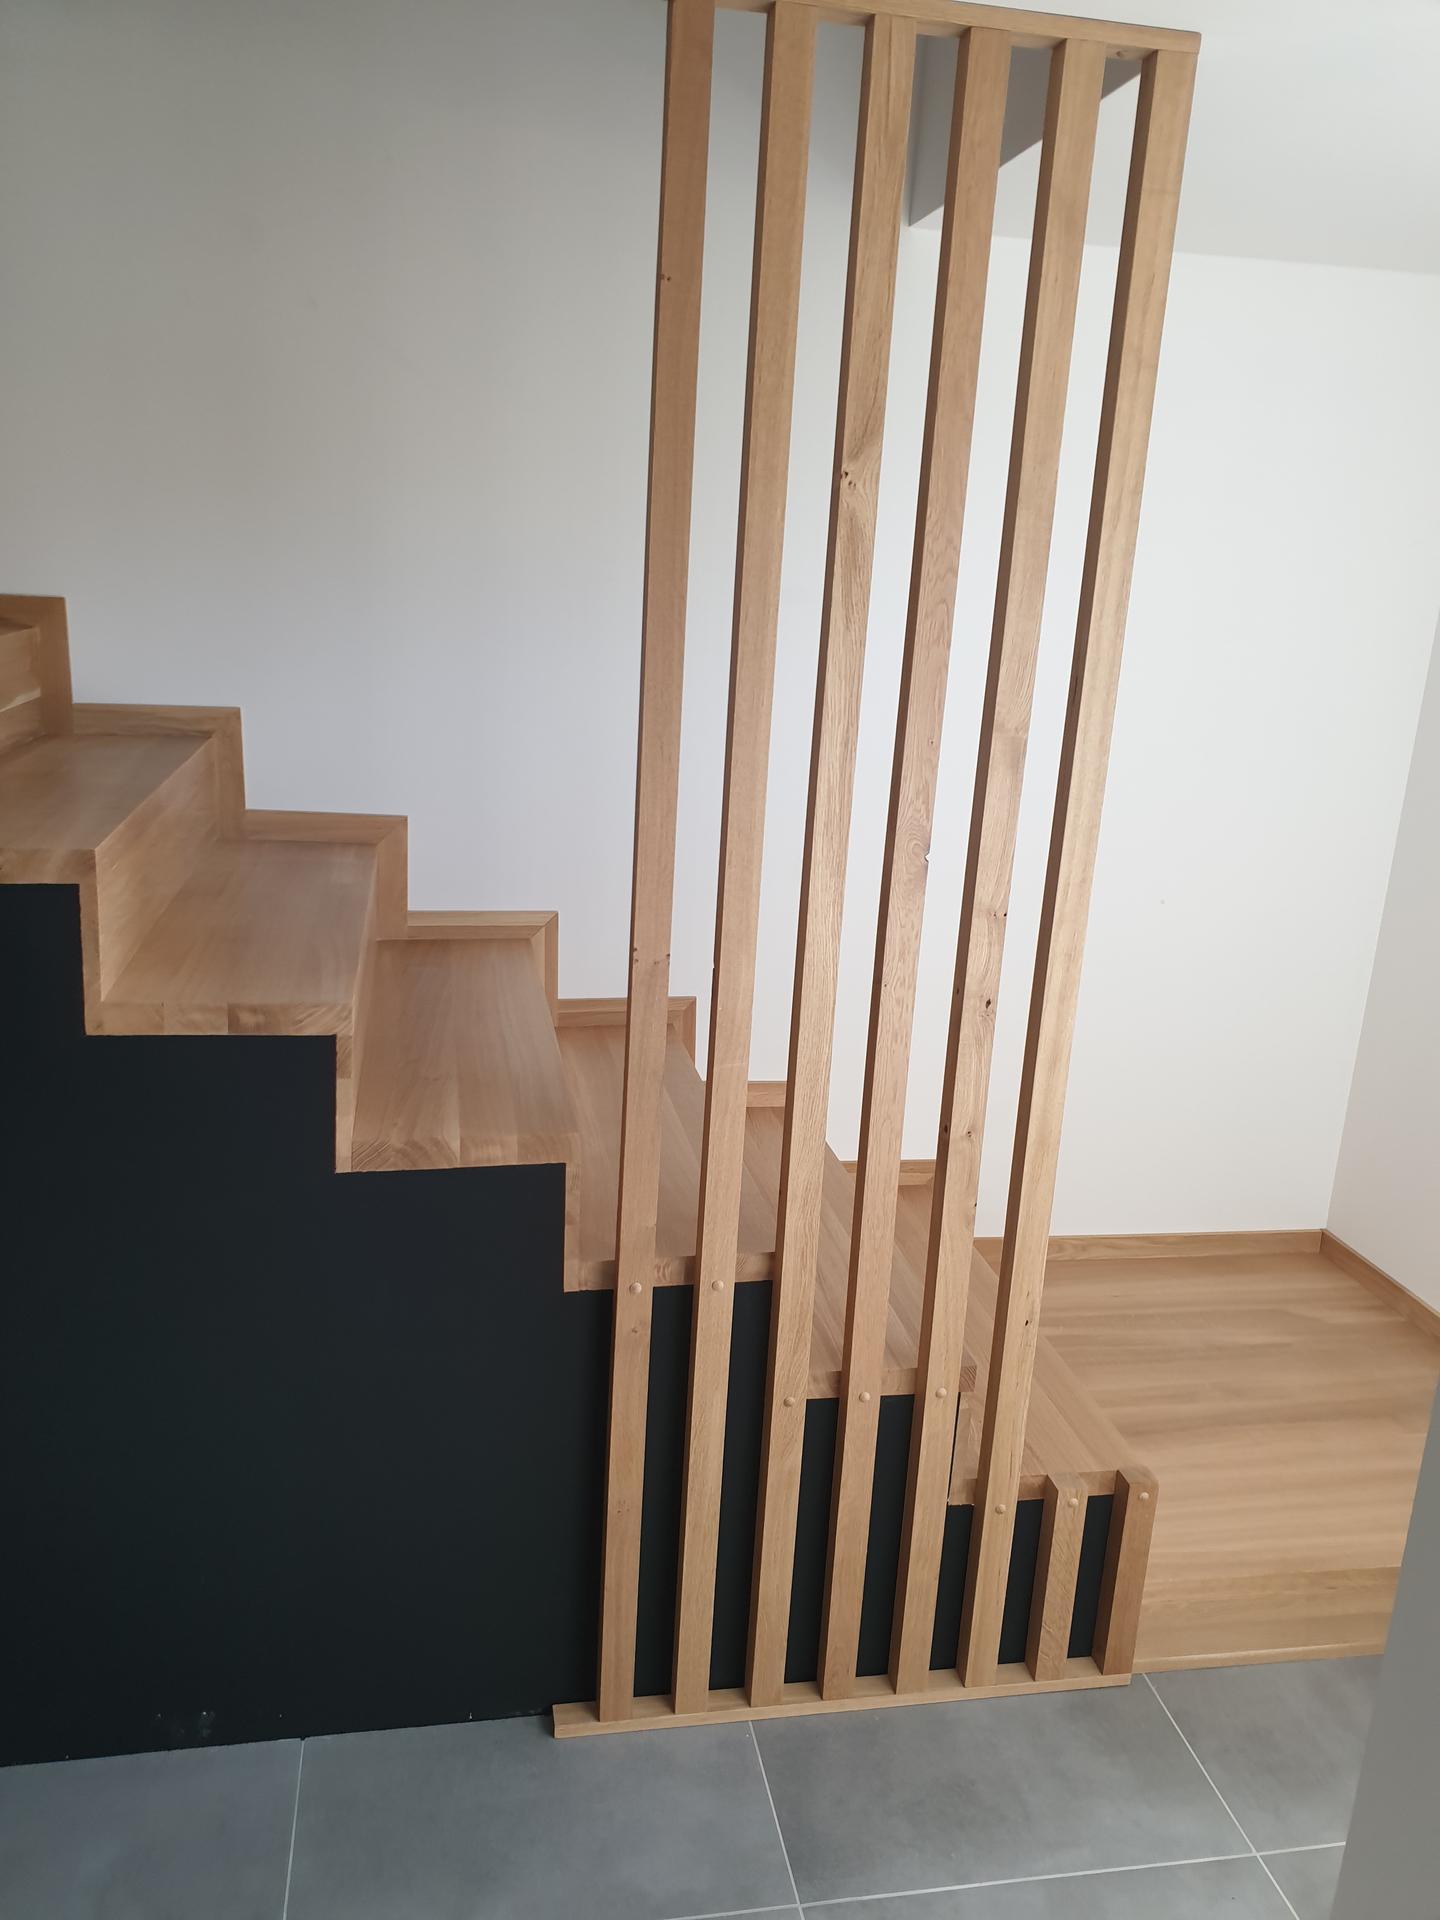 Moderné schodisko - DUB + lamely - Obrázok č. 4